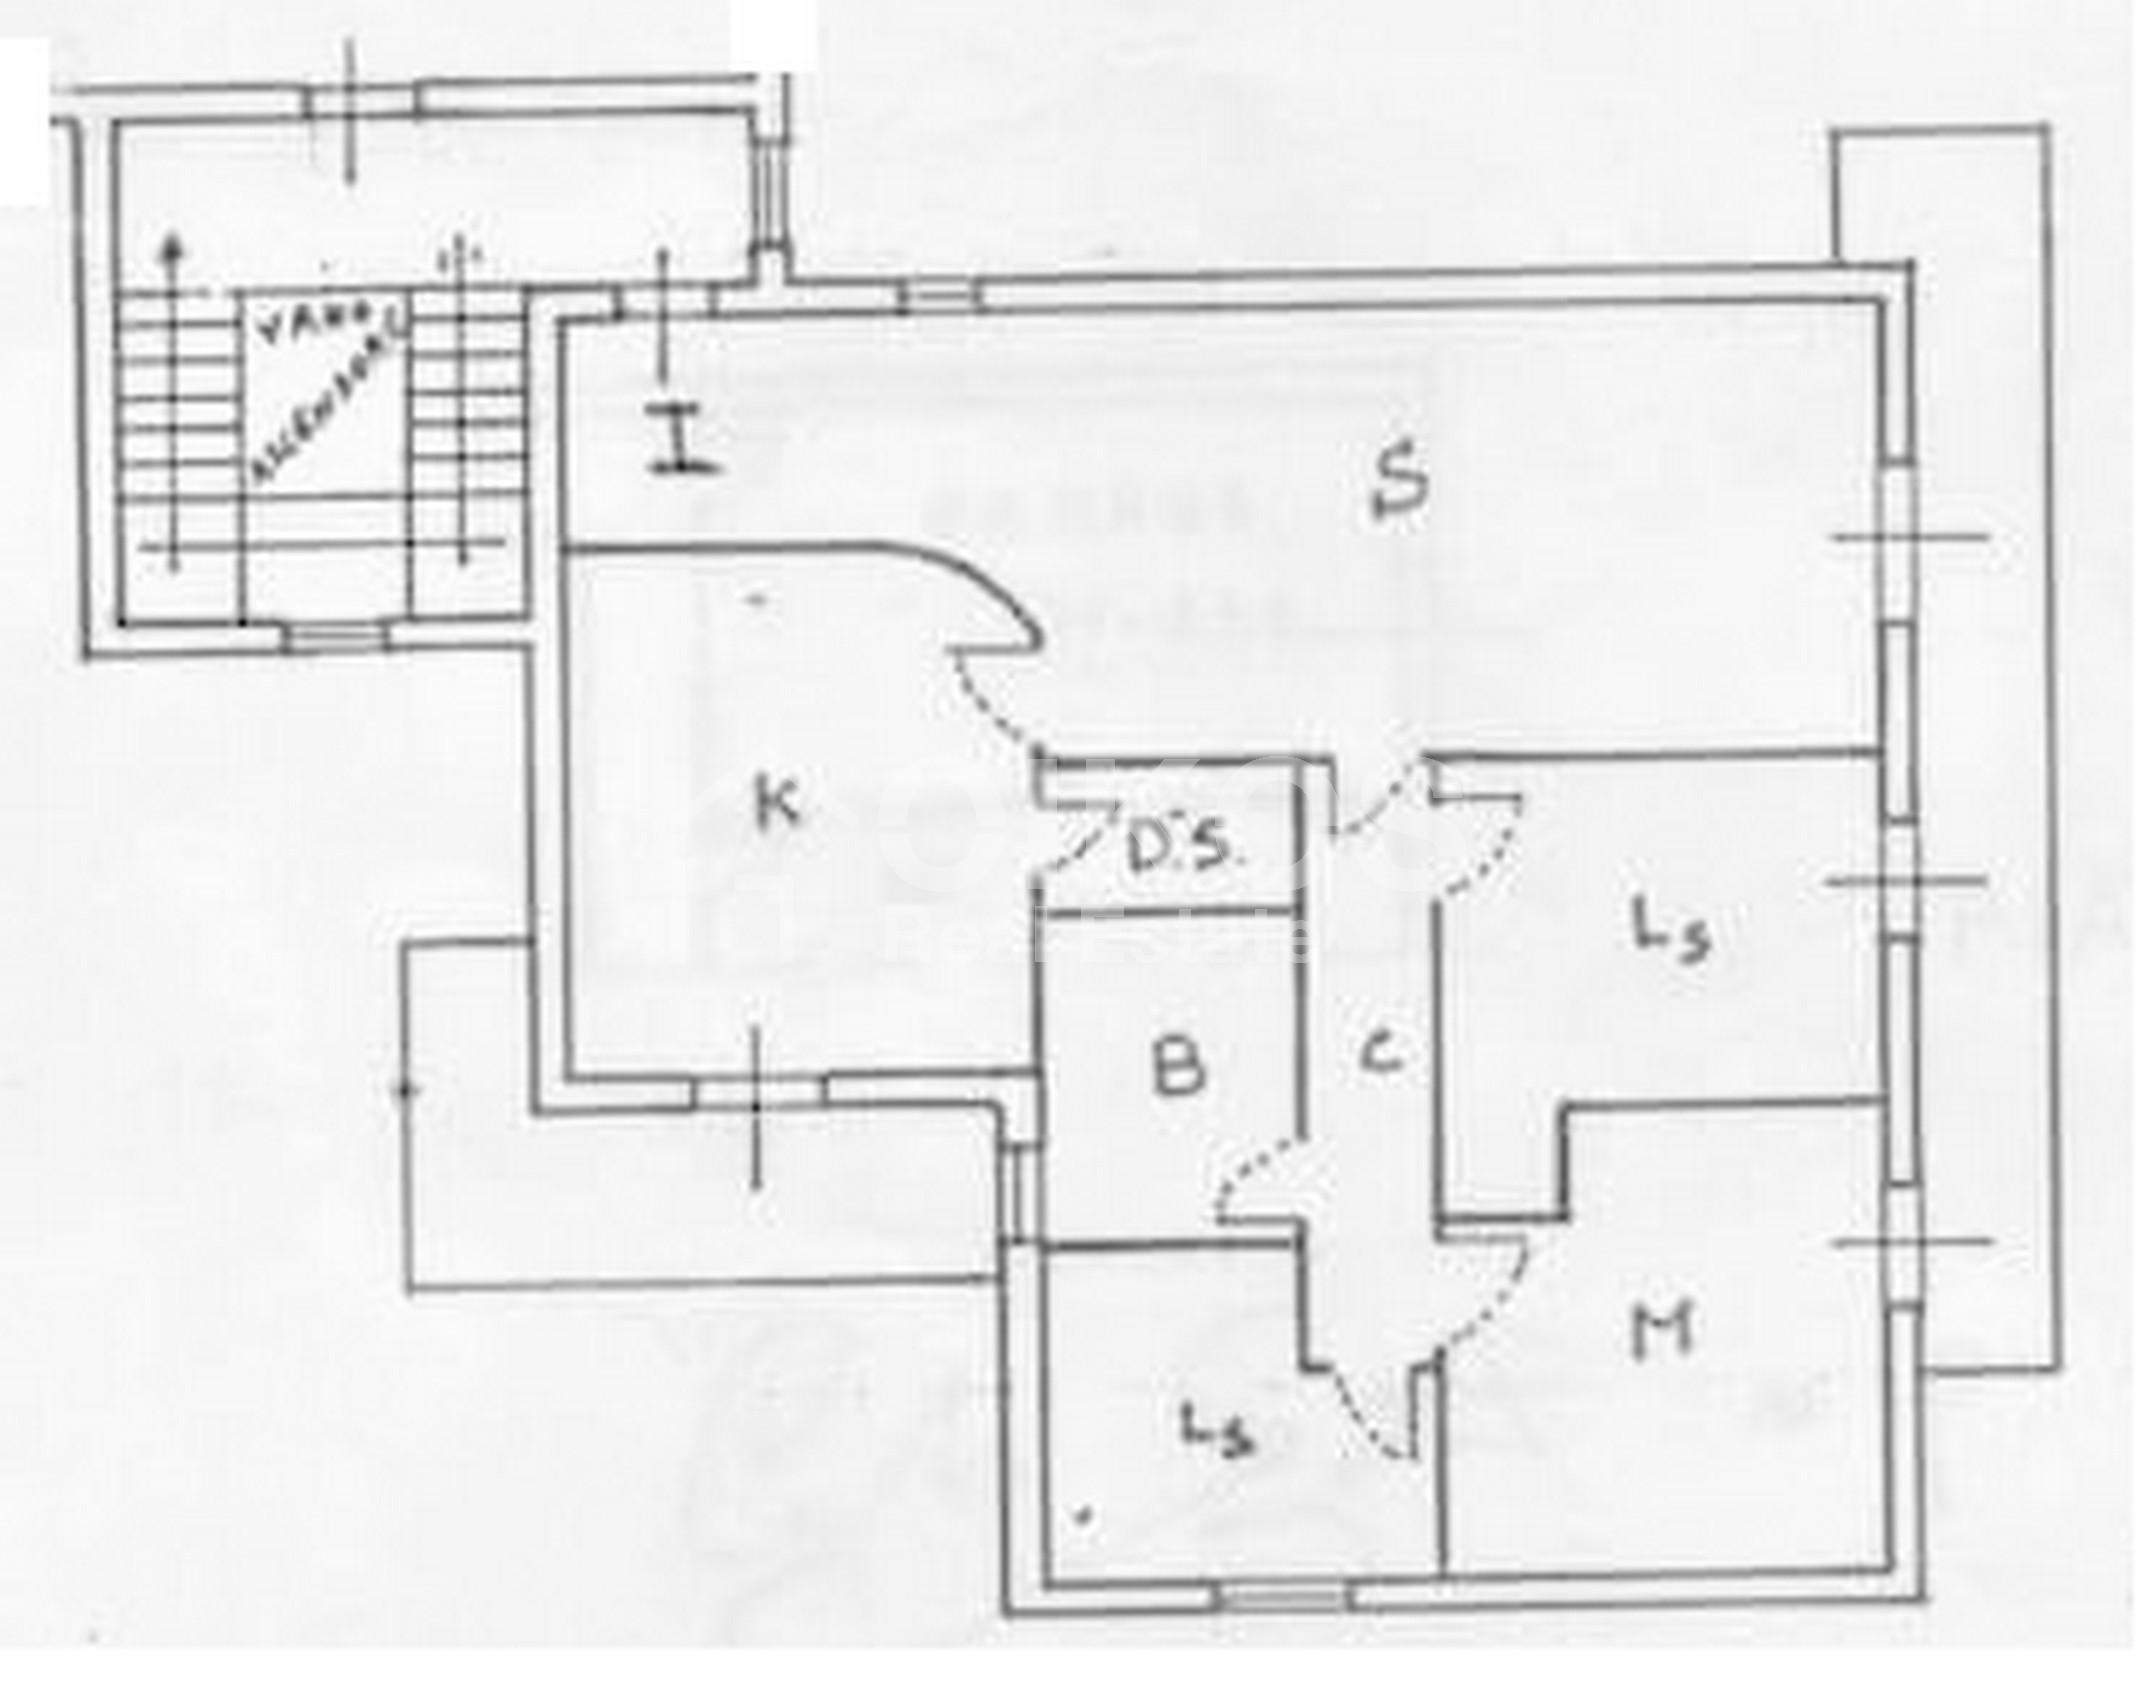 Appartamento al terzo piano con ascensore 5